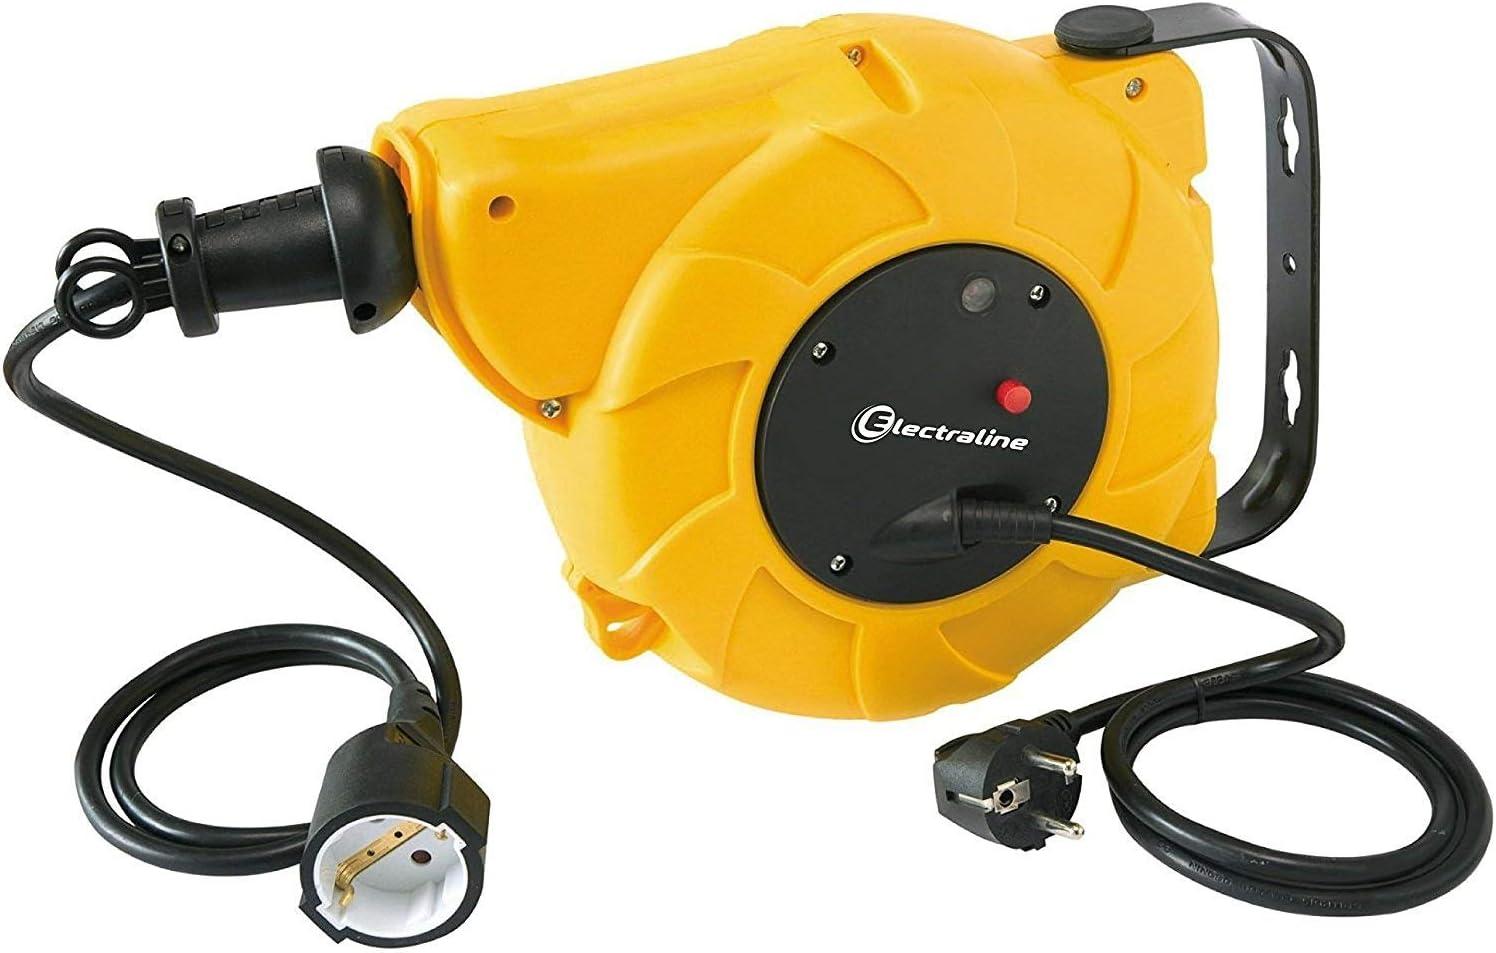 Electraline 100236 Enrollacables eléctrico automático a Resorte con alargador (10 m, 250 V), Amarillo, 8 m